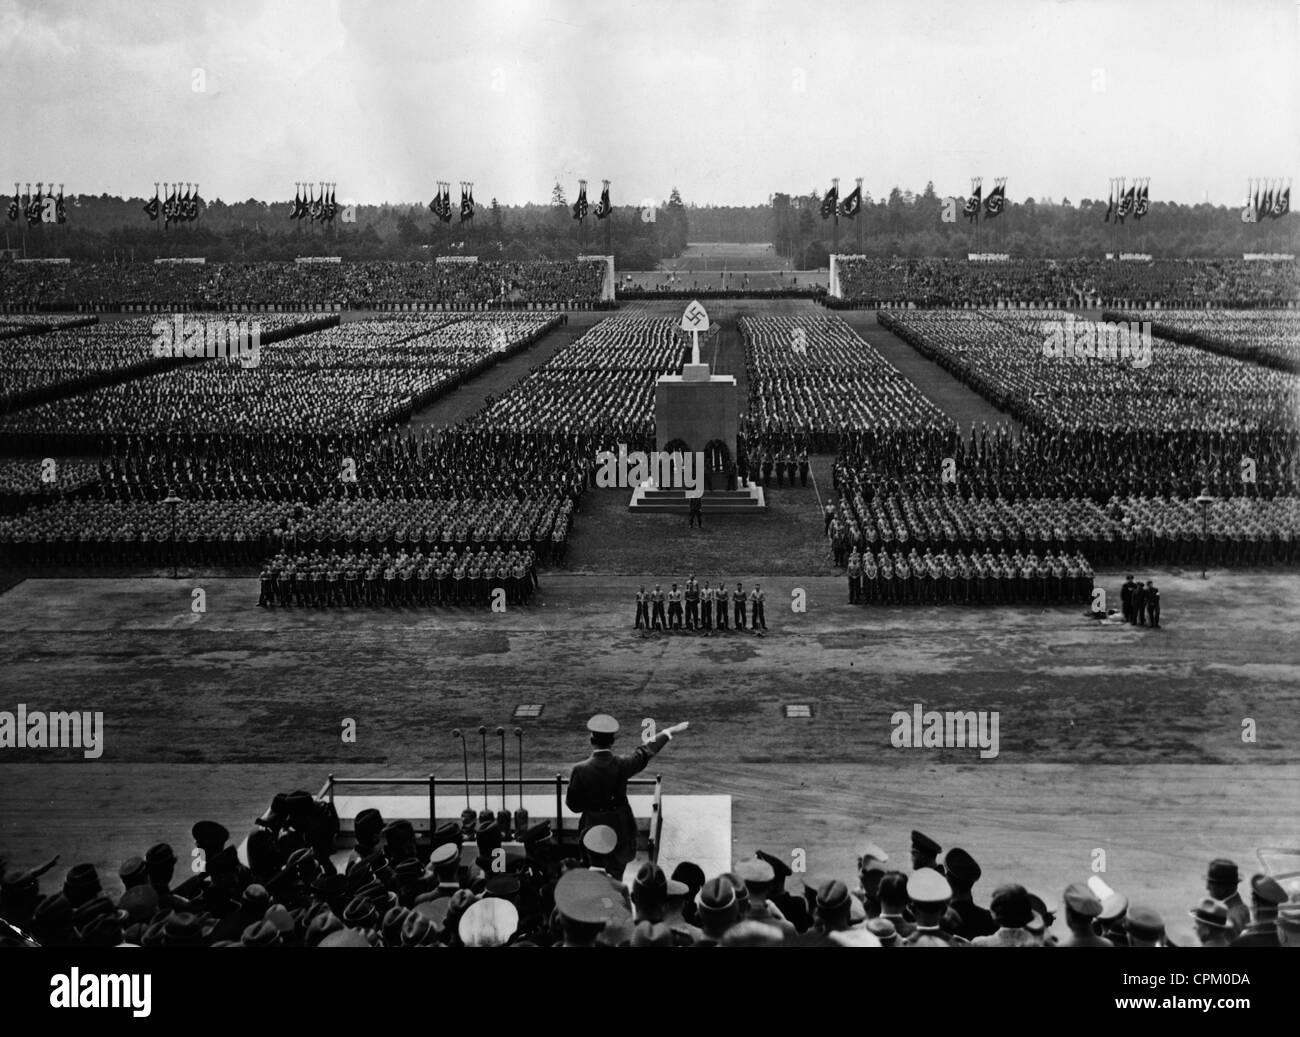 Nuremberg Rally of the NSDAP in Nuremberg, 1936 Stock Photo